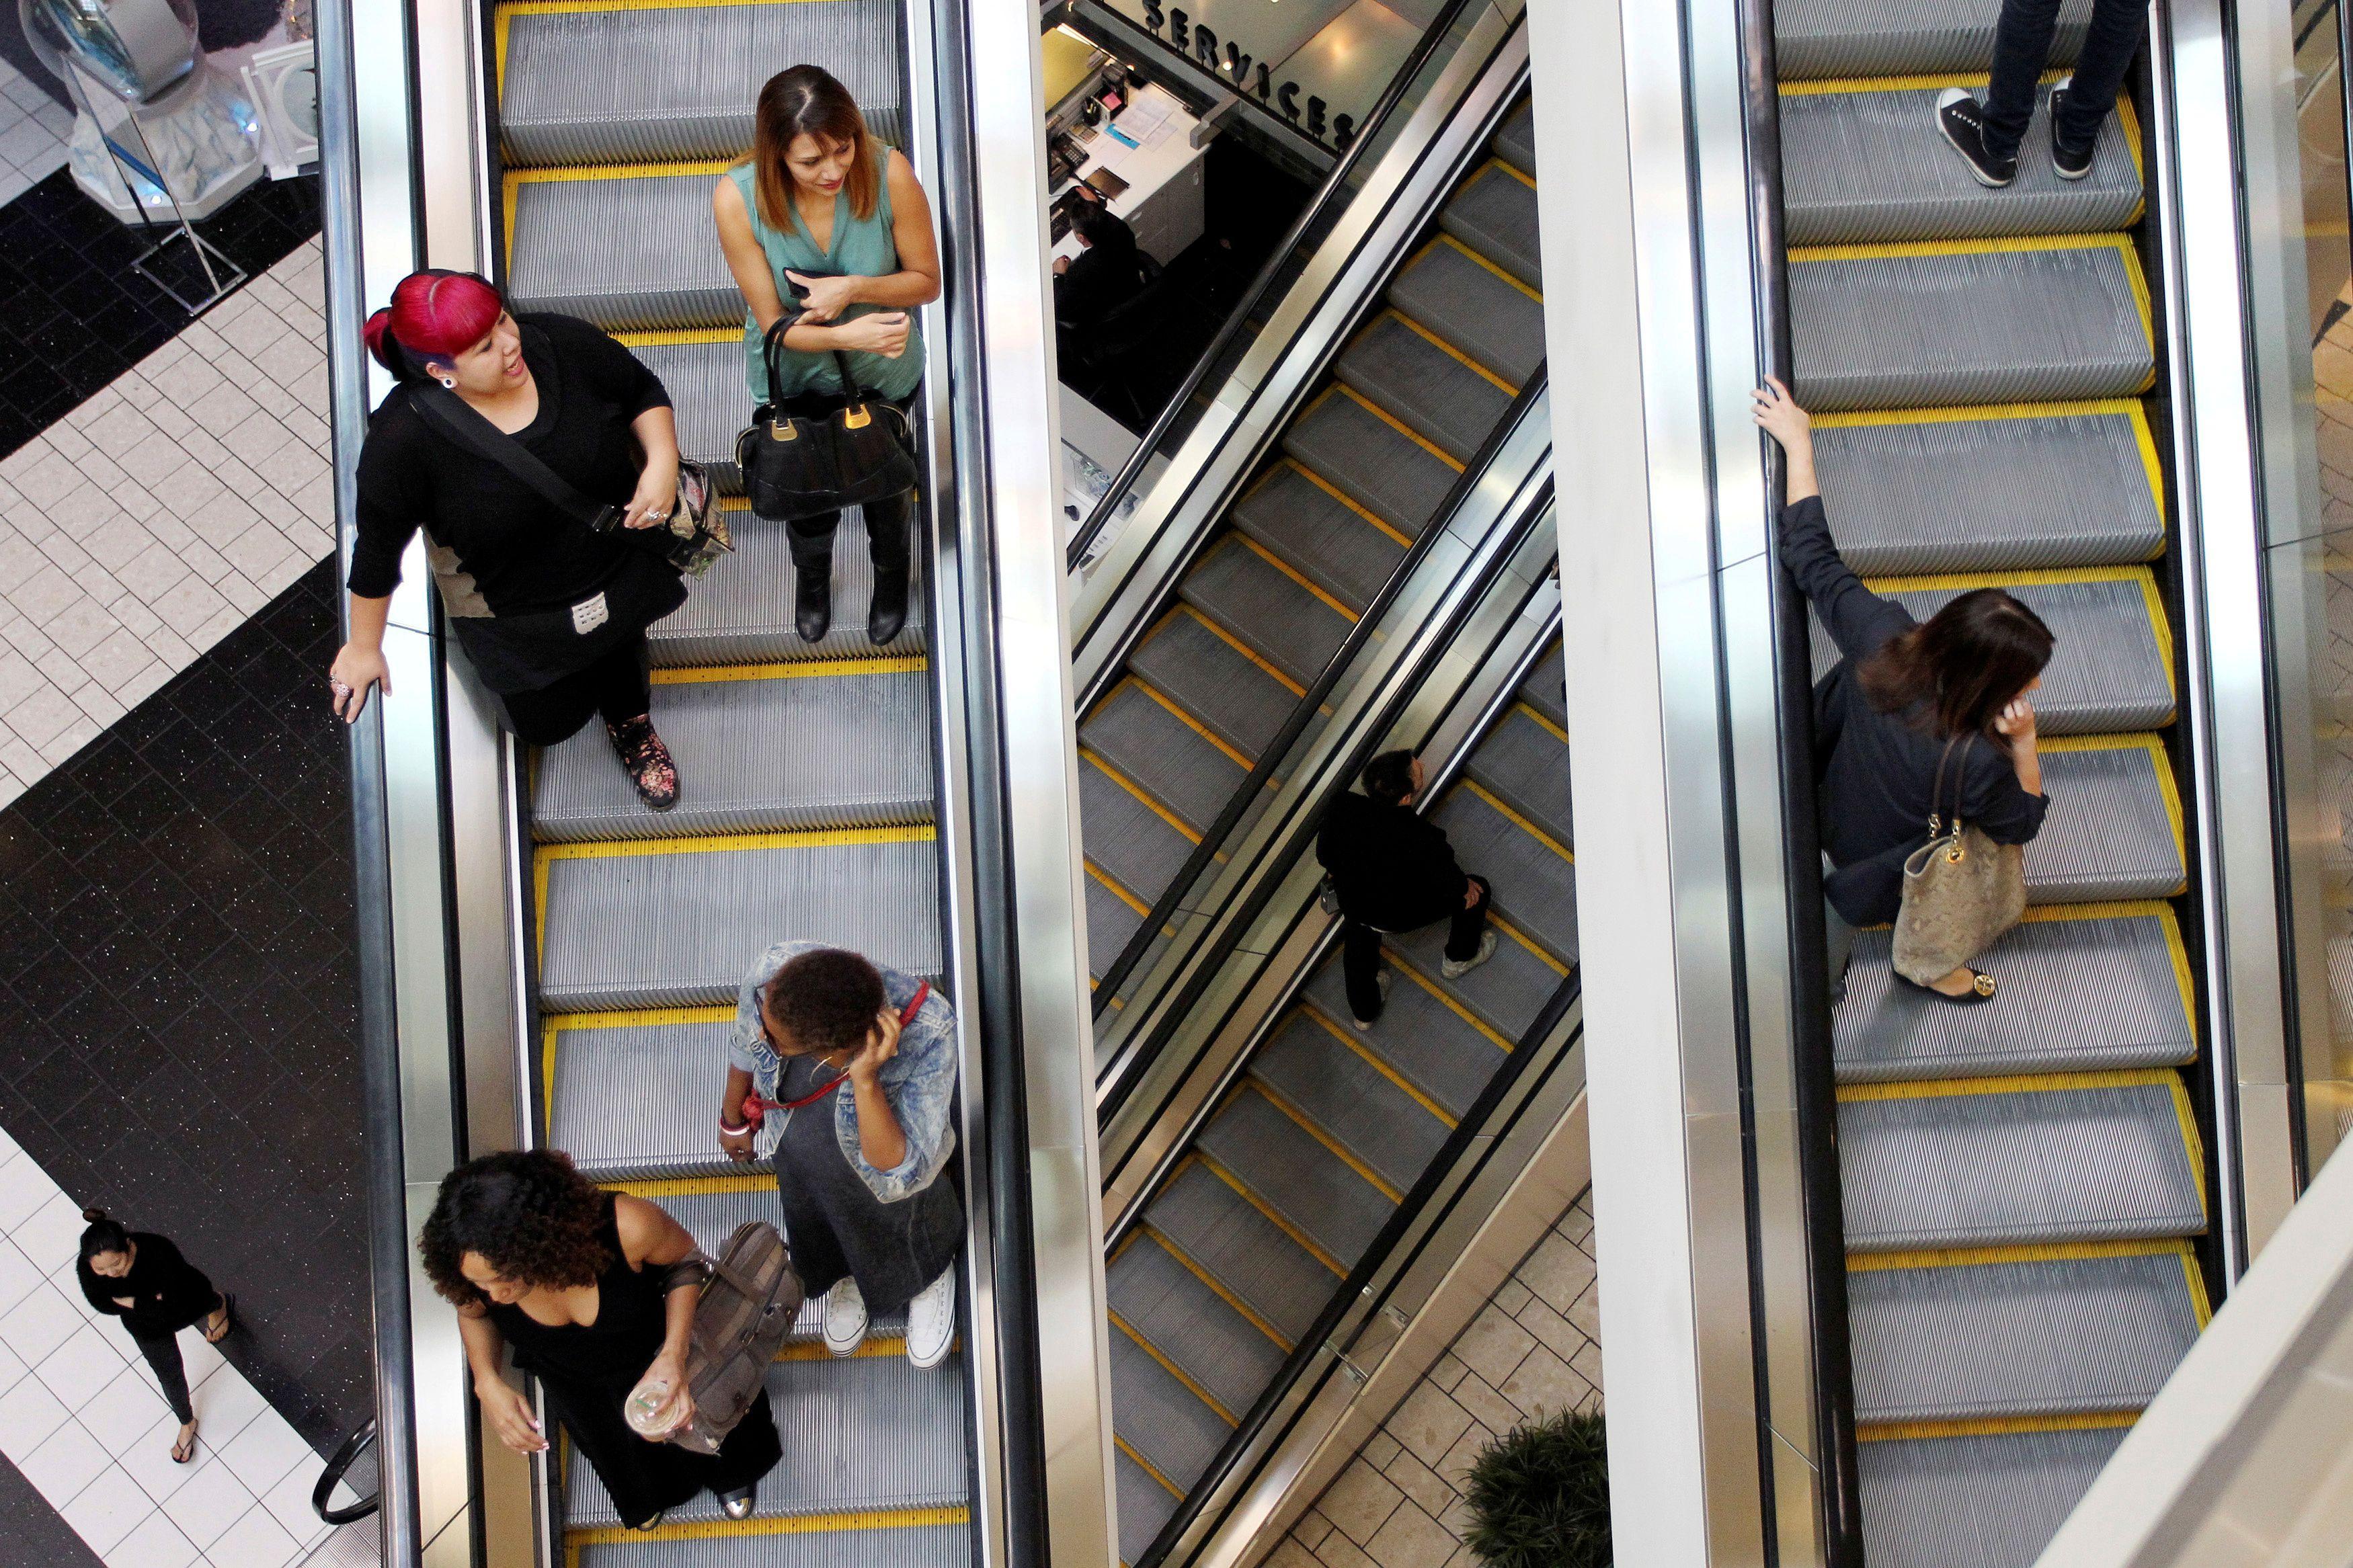 Les données américaines indiquent une croissance économique modérée et un resserrement du marché de l'emploi